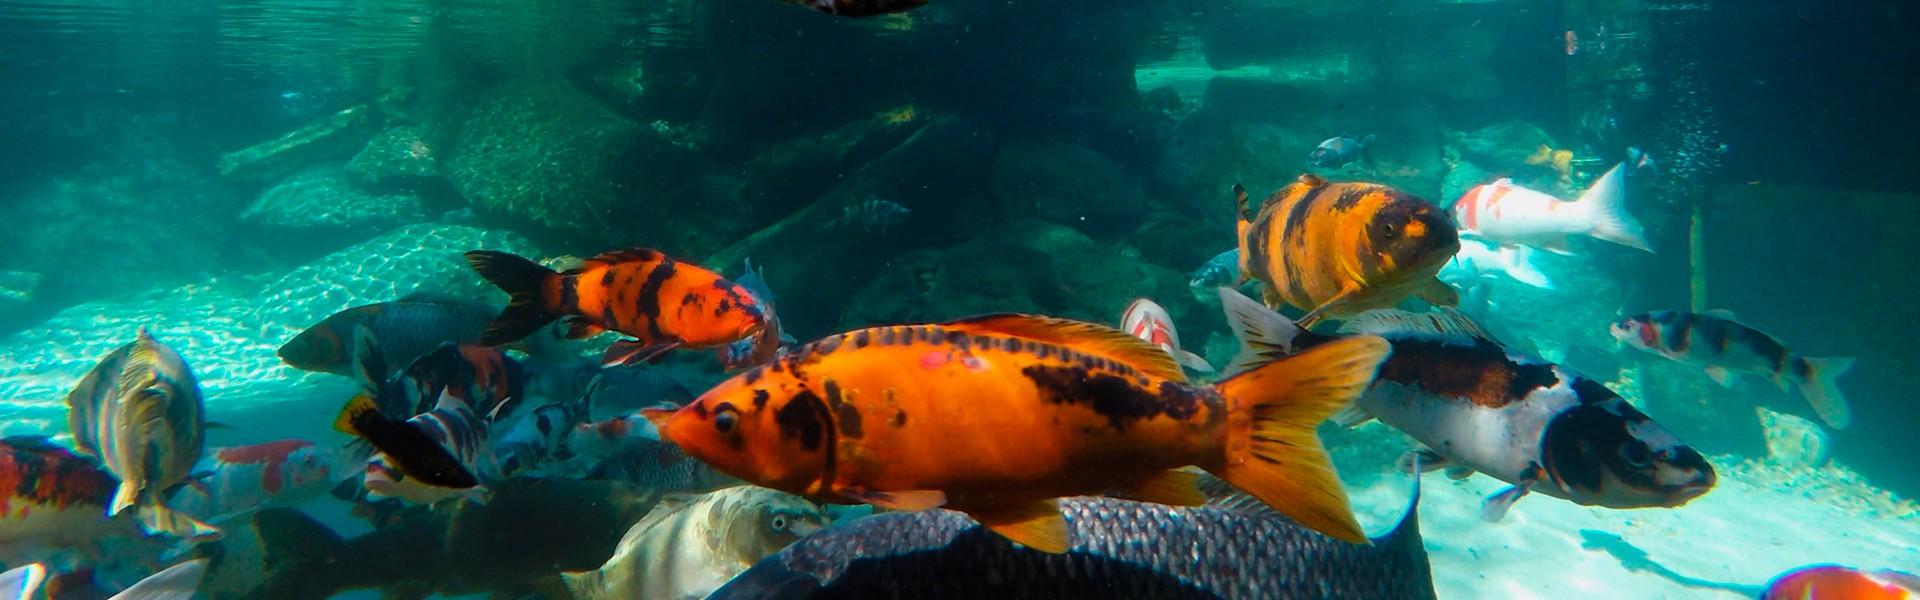 Curso de Criação e Reprodução de Peixes Ornamentais de Água Doce ocorre em São Paulo